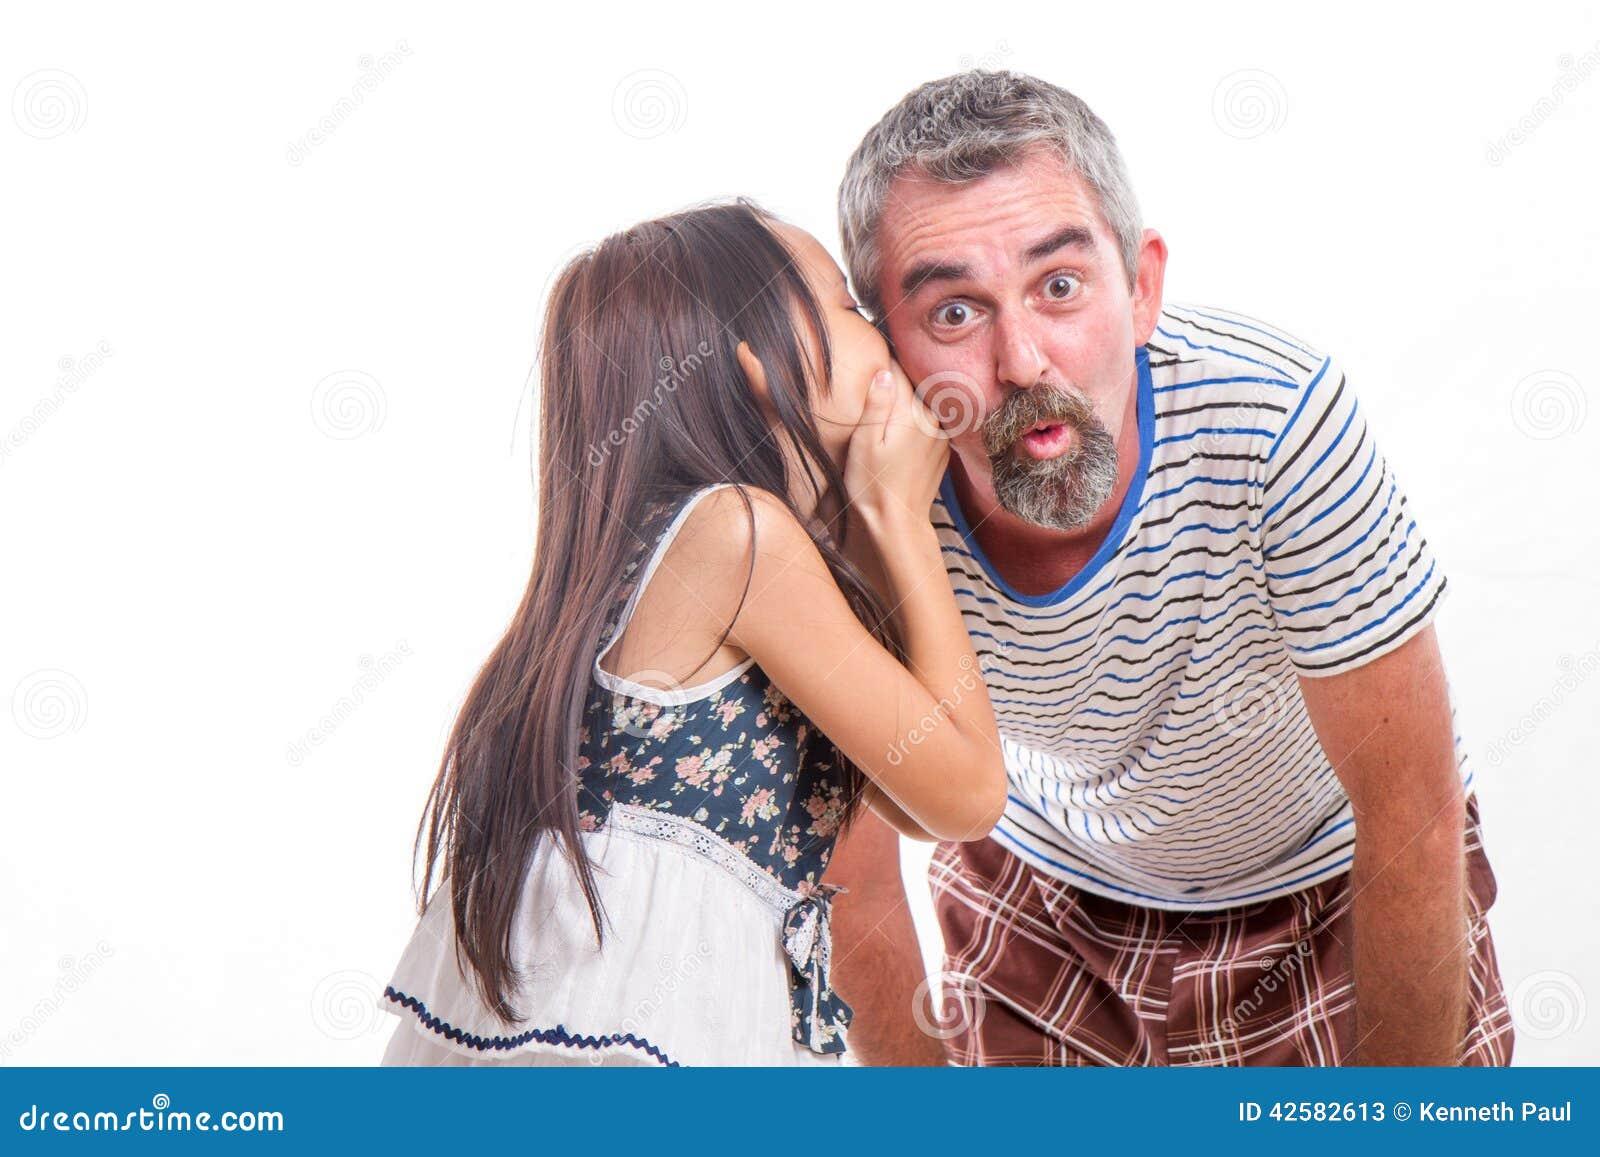 papas meisje dating